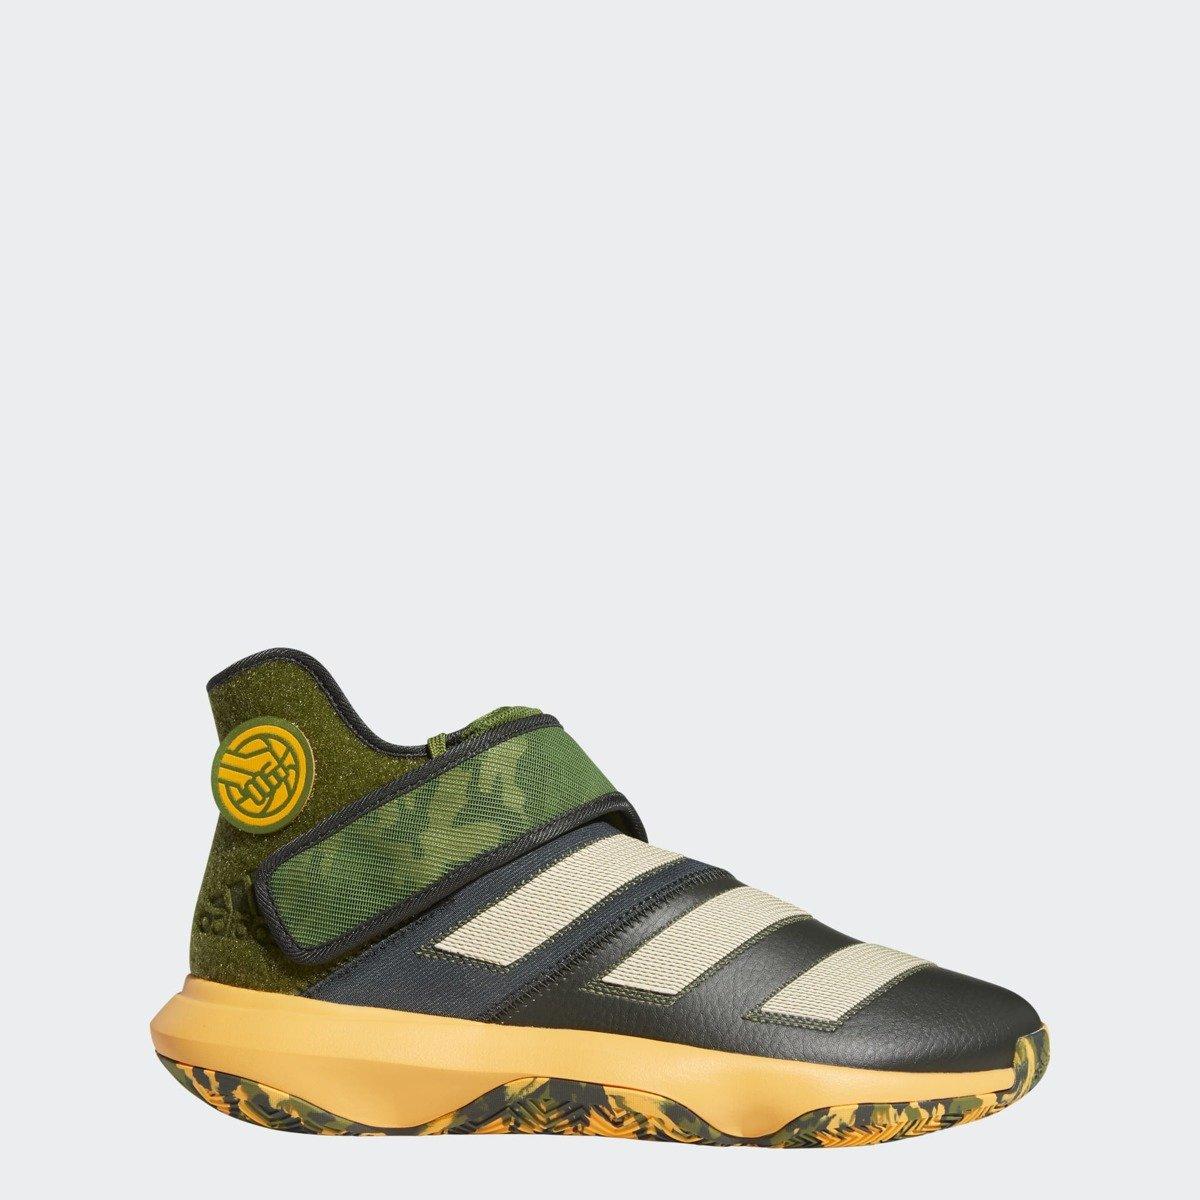 adidas buty do joszylowki nba